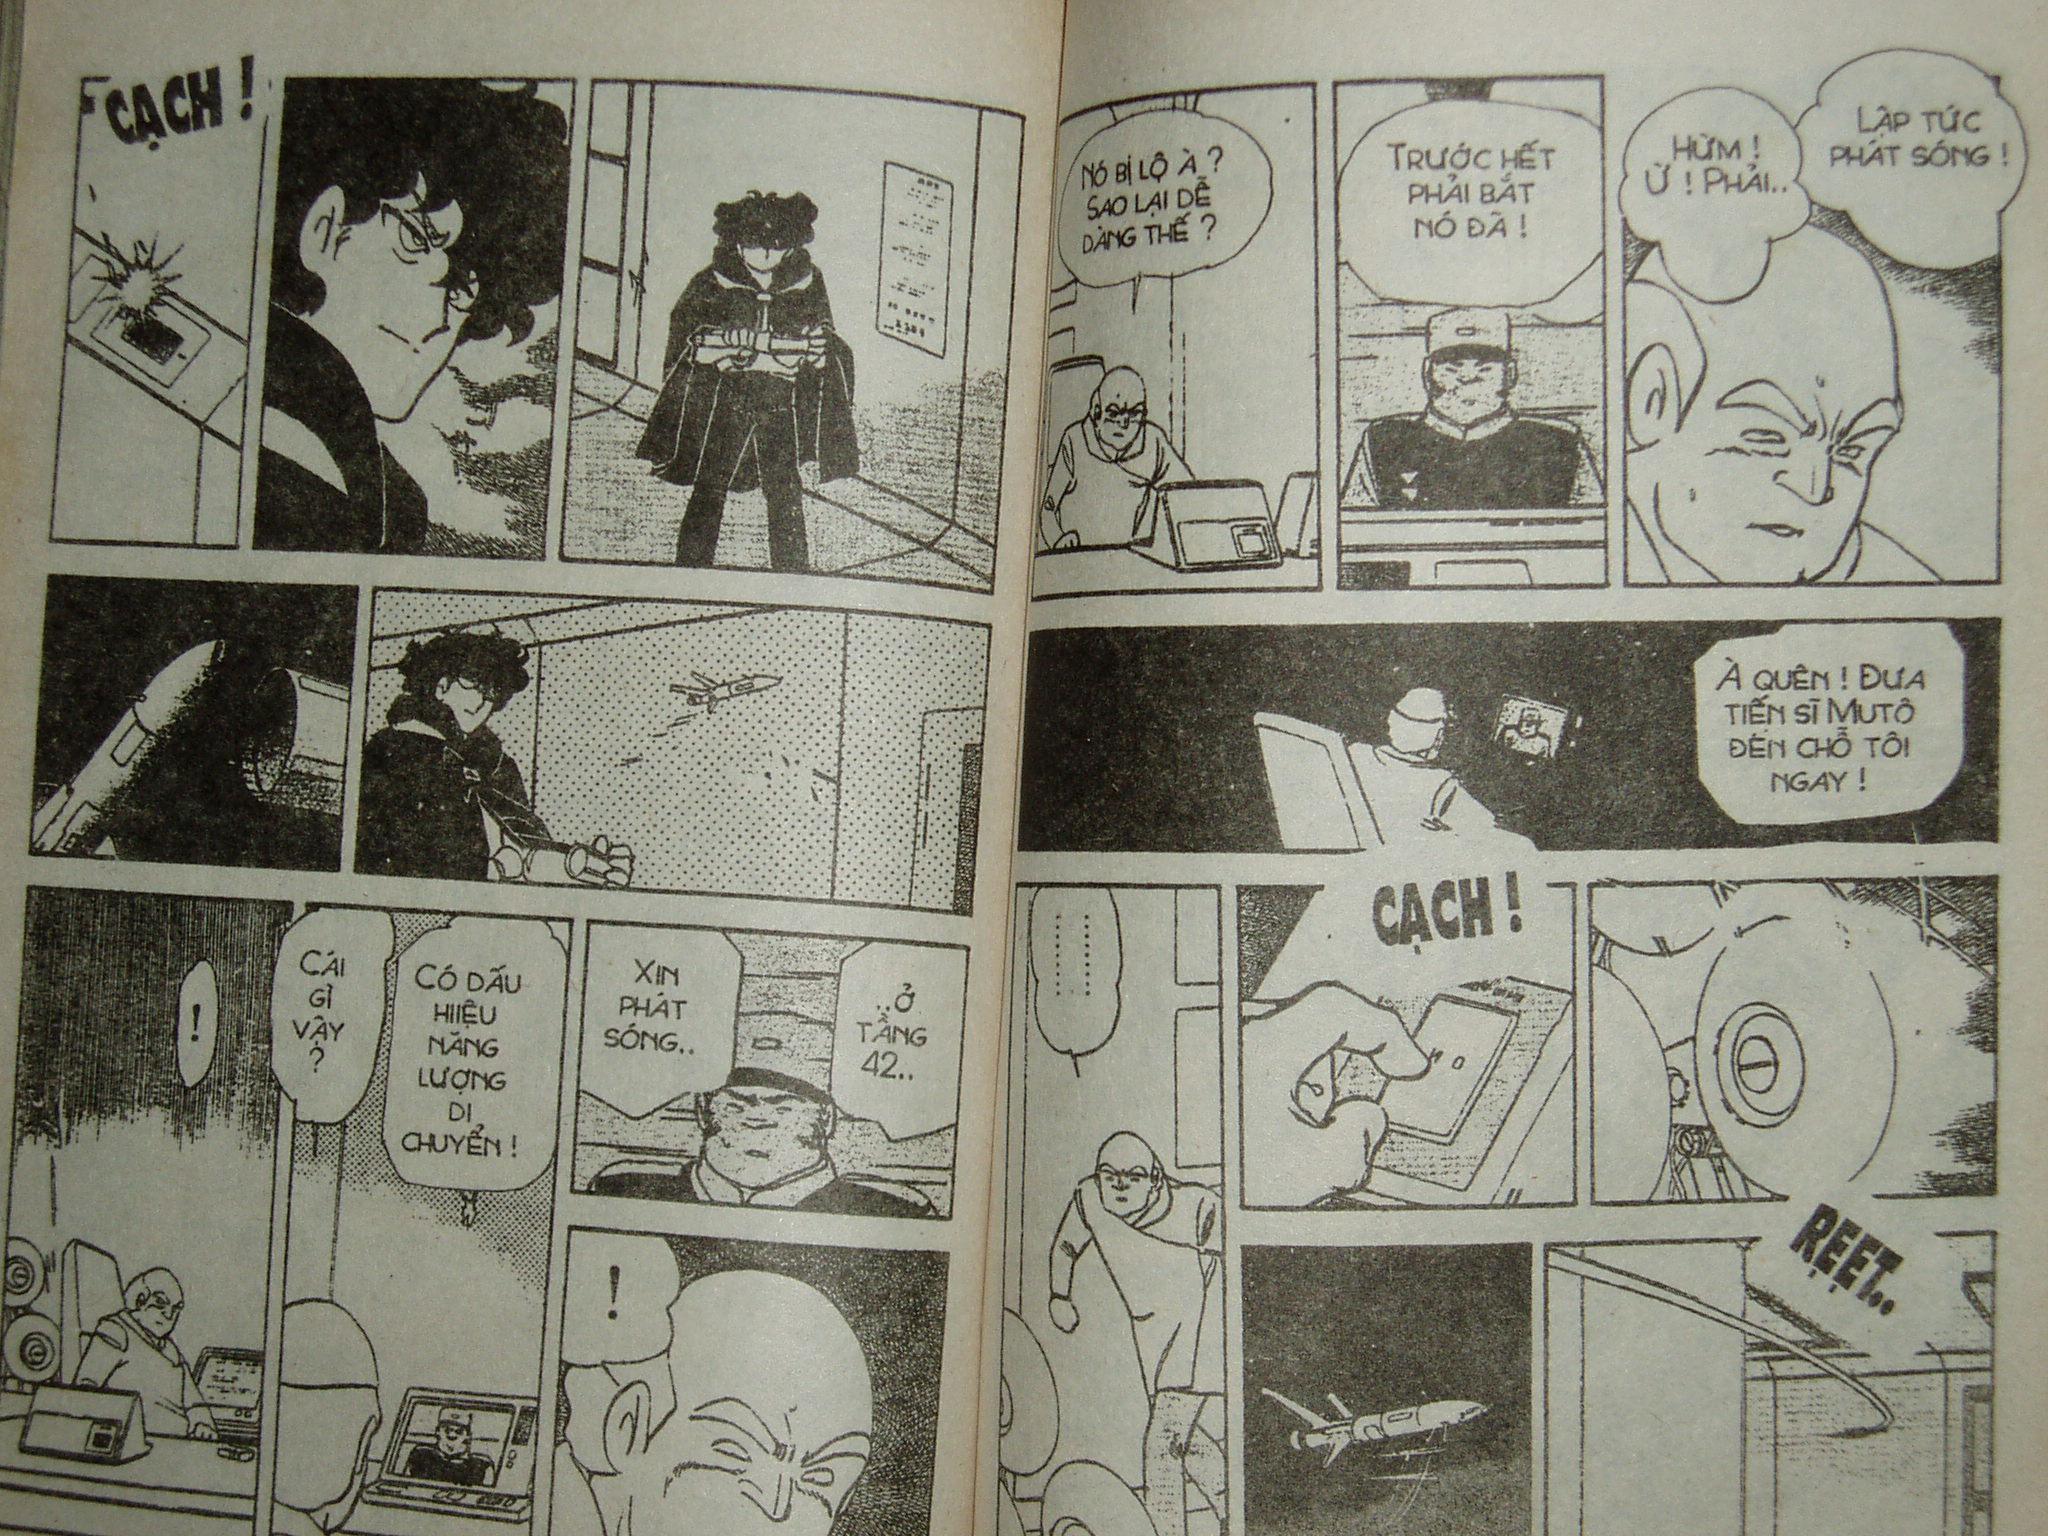 Siêu nhân Locke vol 14 trang 58